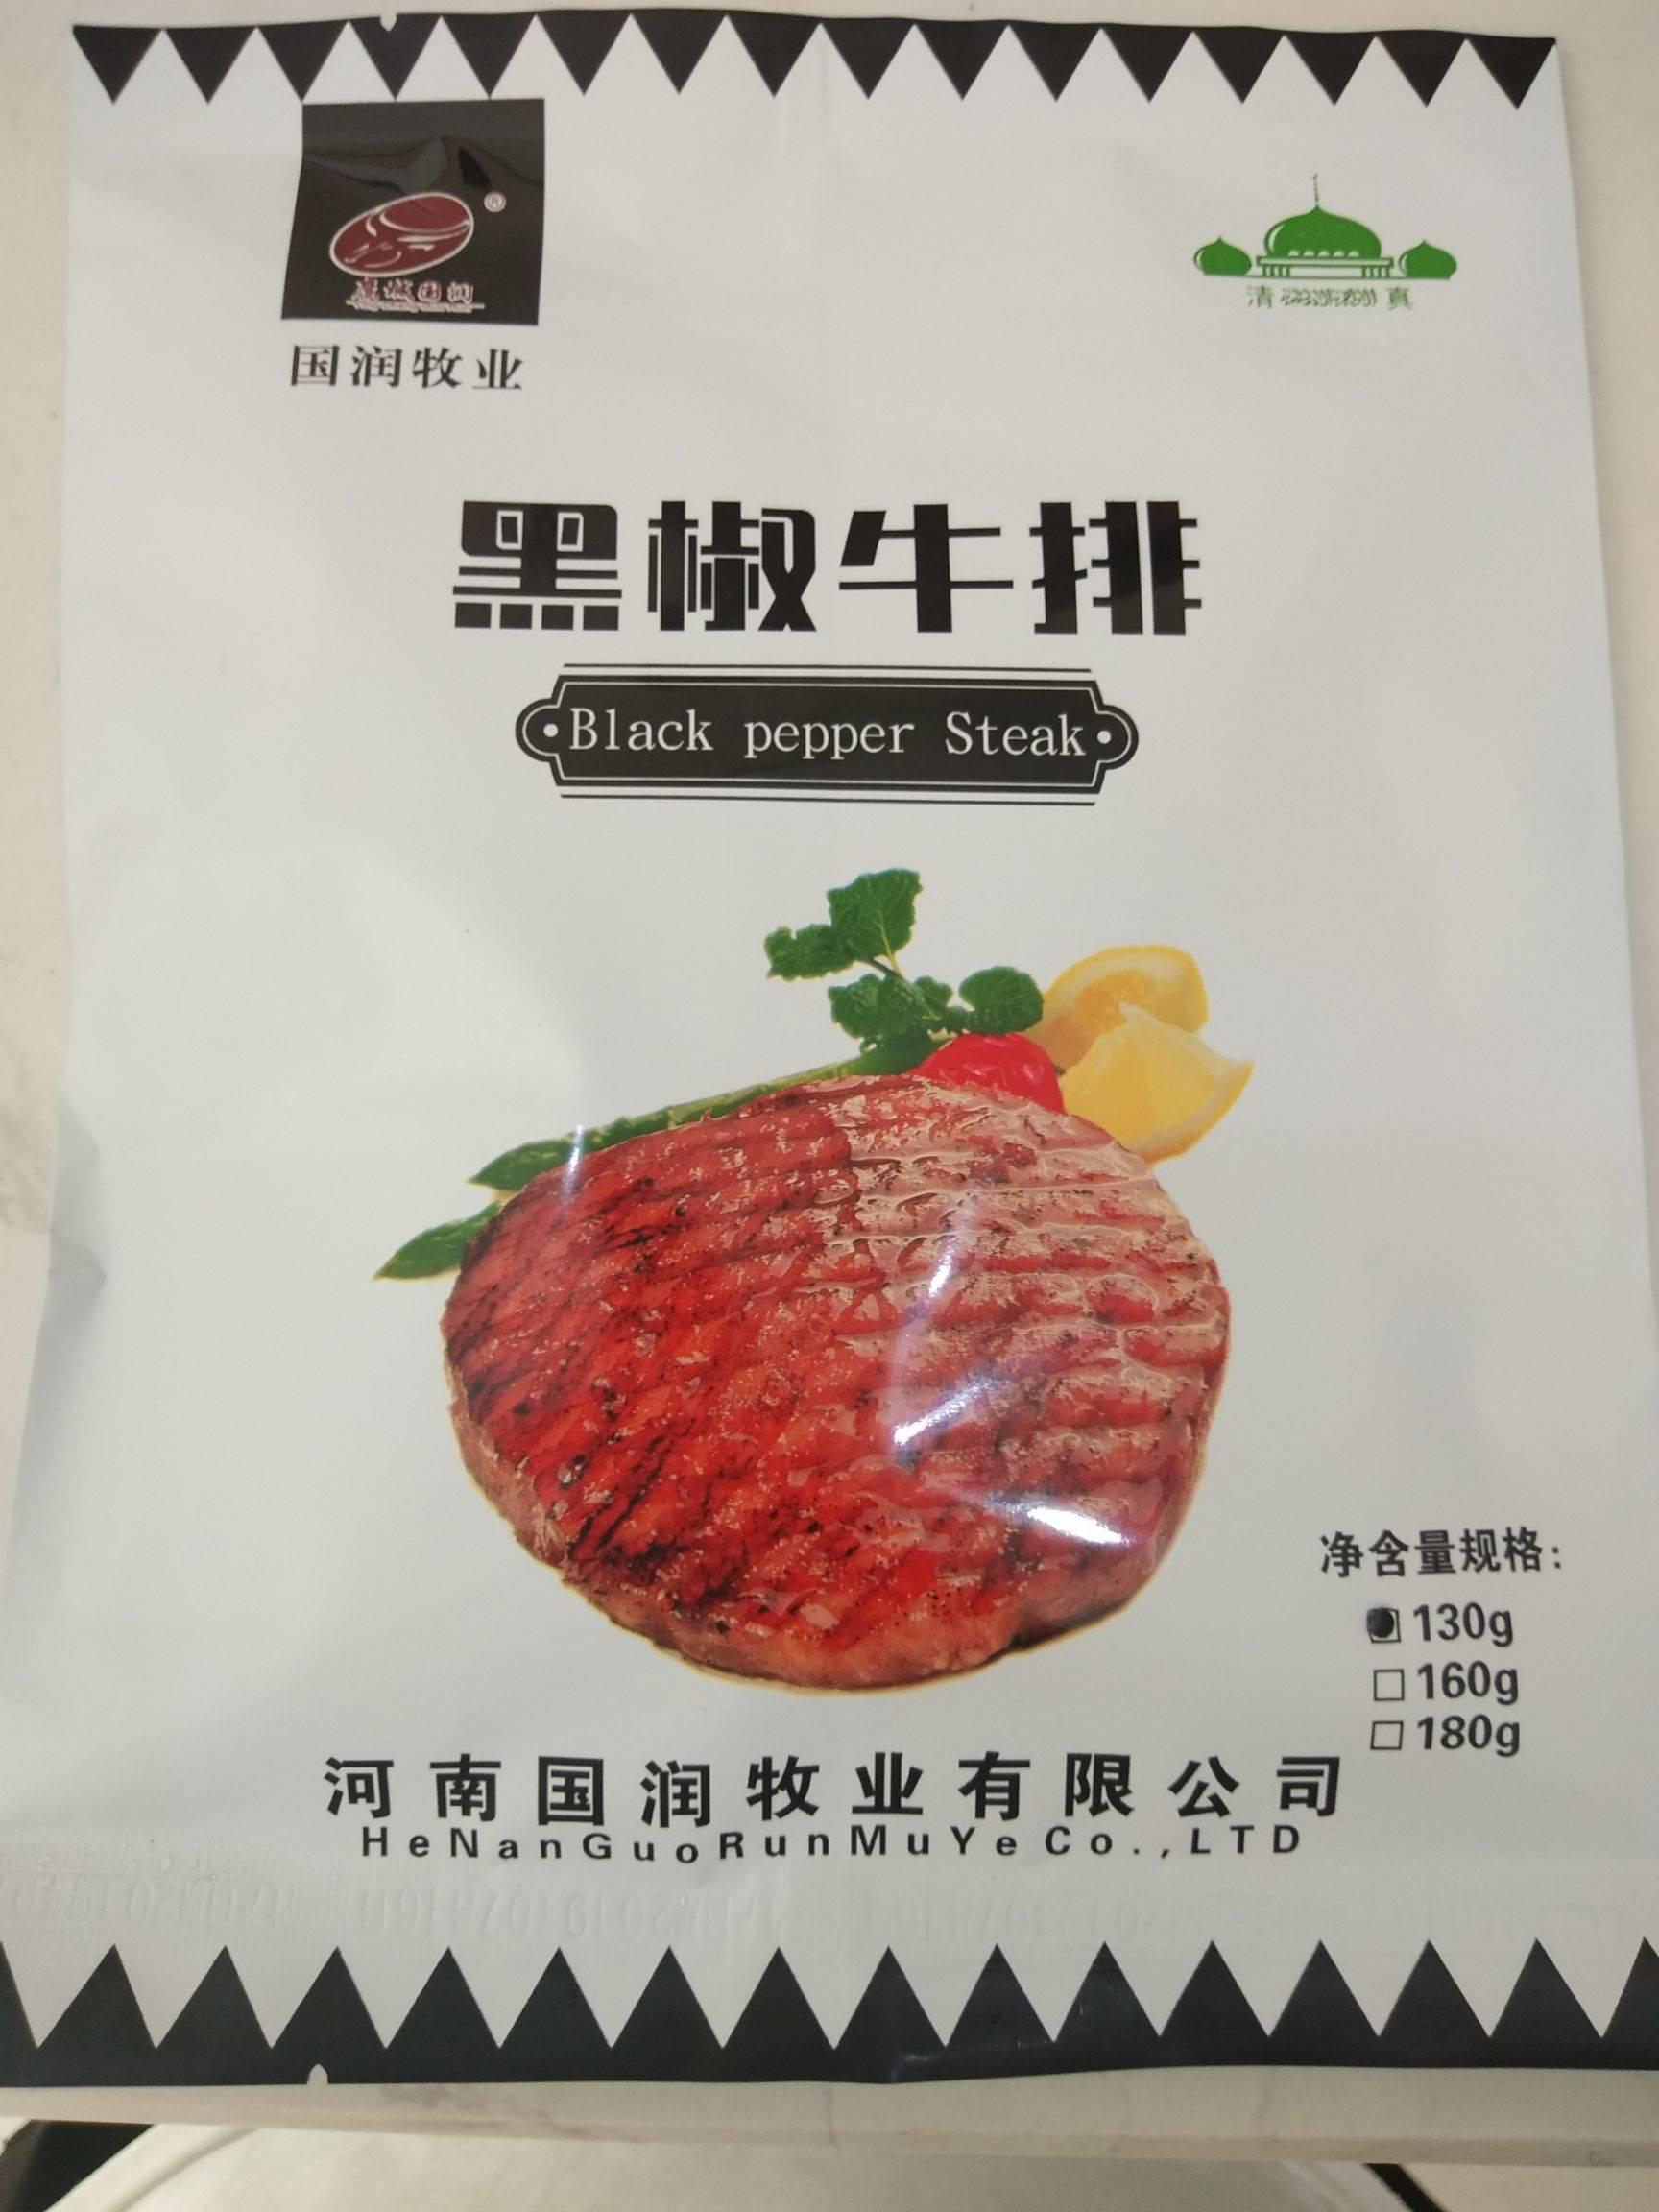 [牛排批发] 黑椒牛排130克160克180克价格10元/包